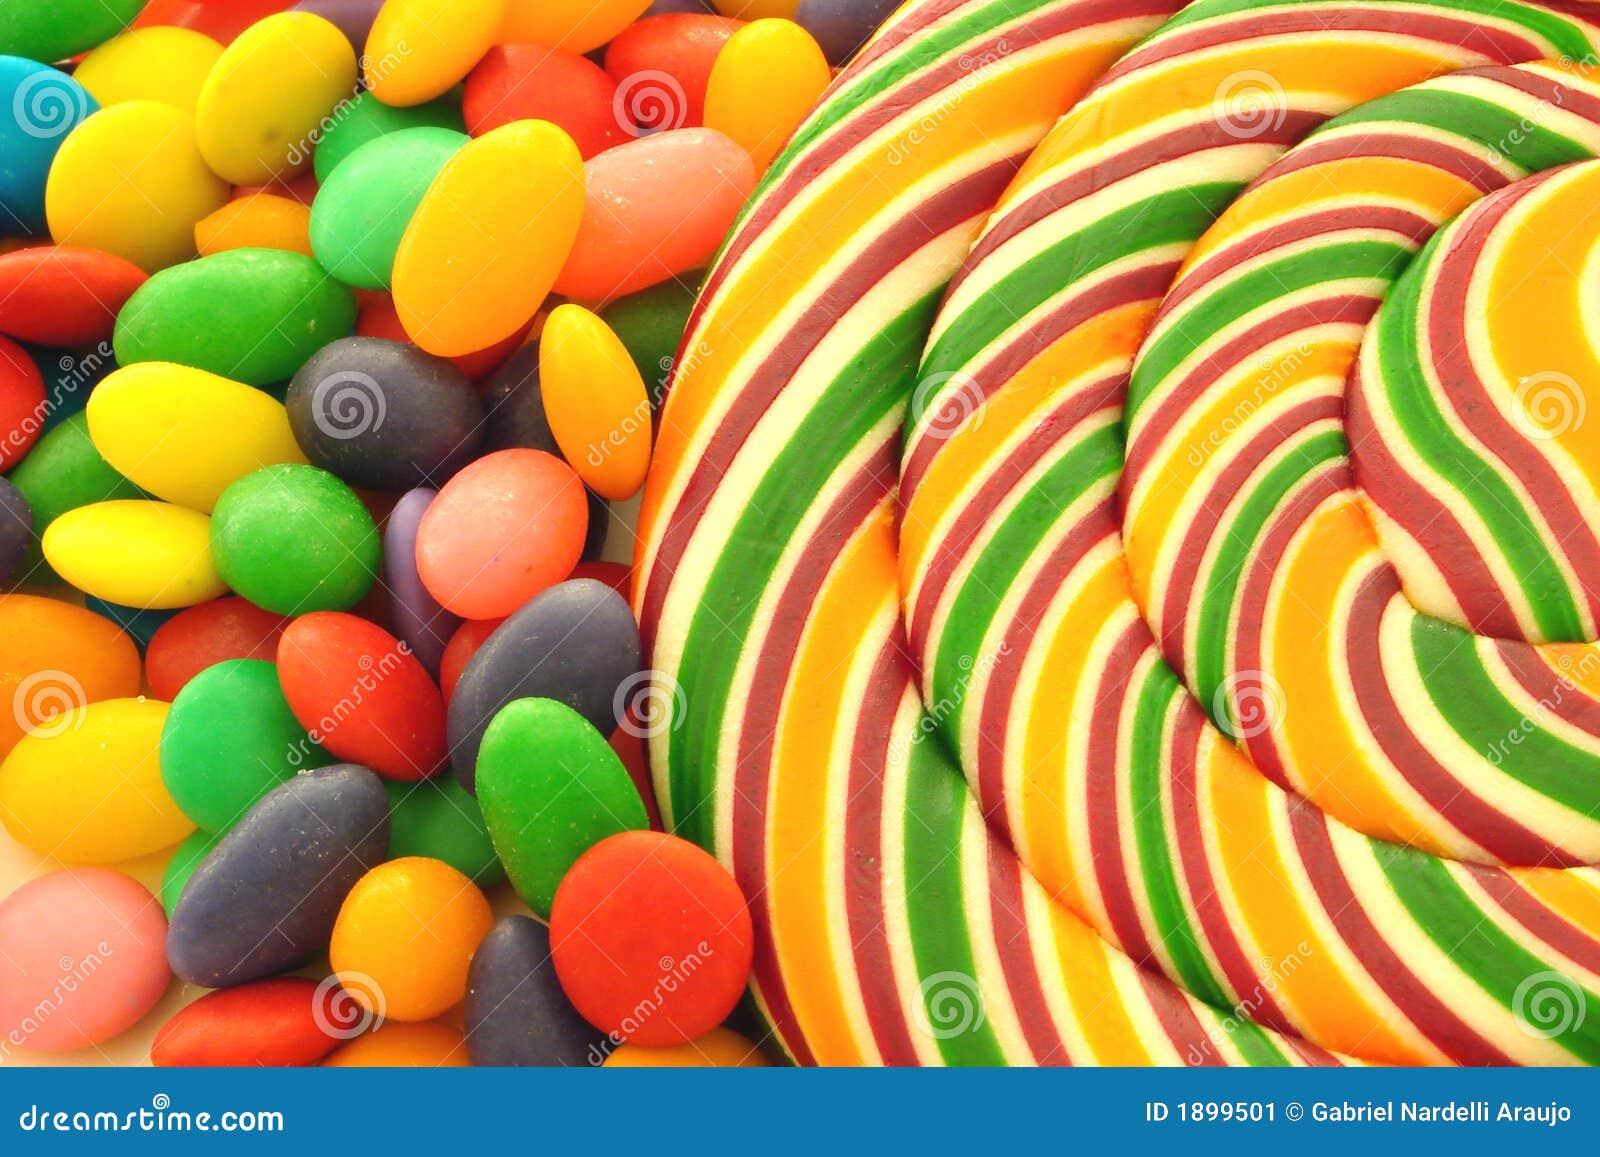 bruit et bonbons de sucette image stock - Sucette Colore